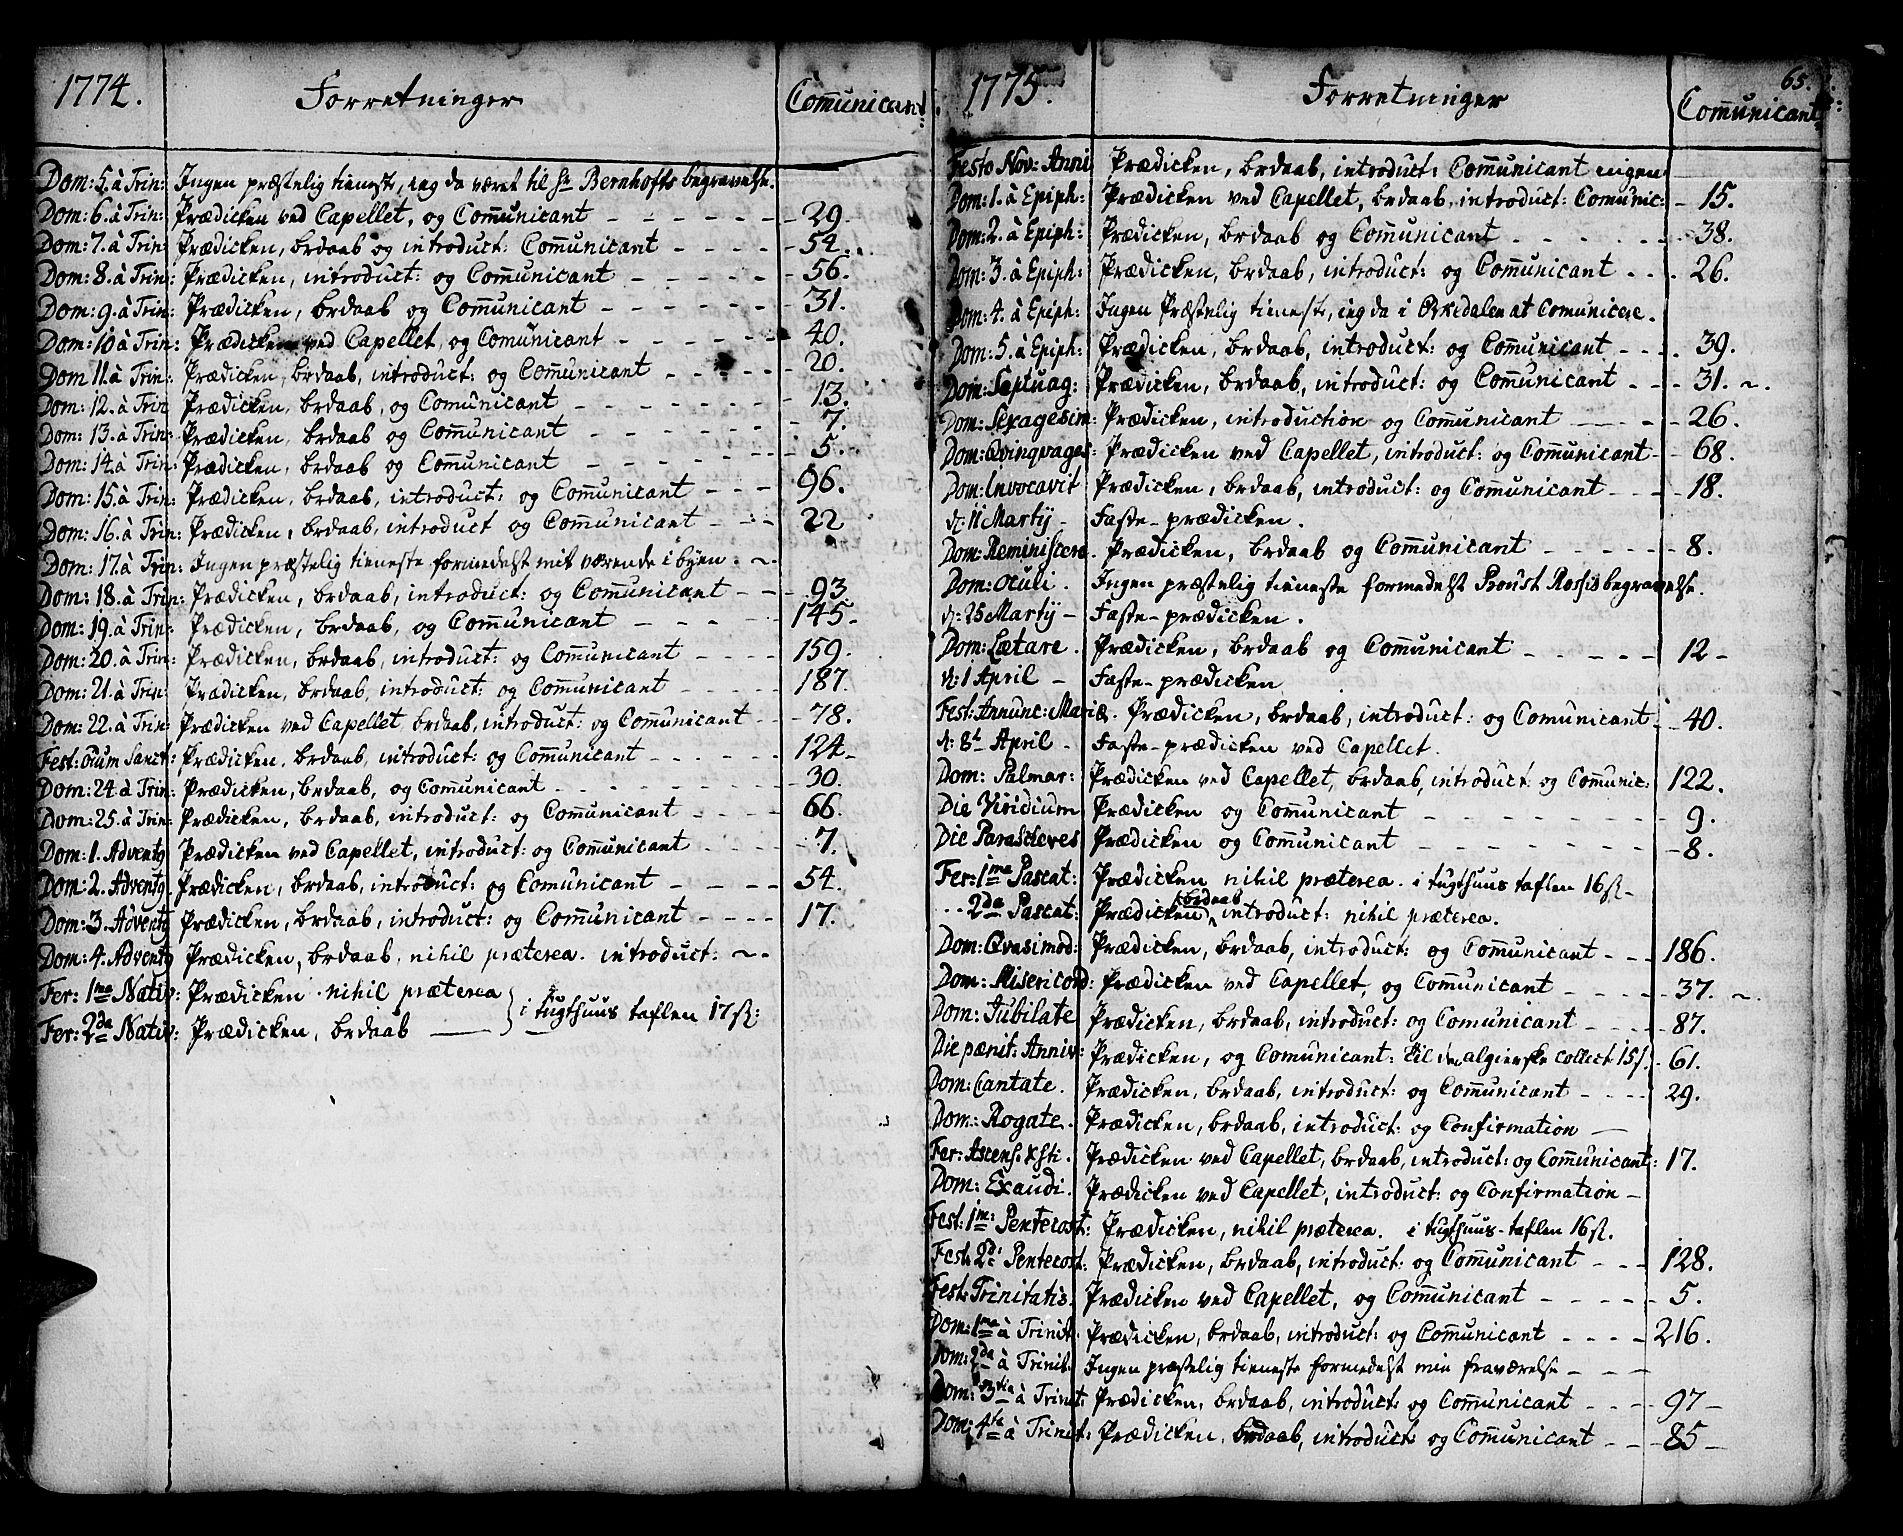 SAT, Ministerialprotokoller, klokkerbøker og fødselsregistre - Sør-Trøndelag, 678/L0891: Ministerialbok nr. 678A01, 1739-1780, s. 65